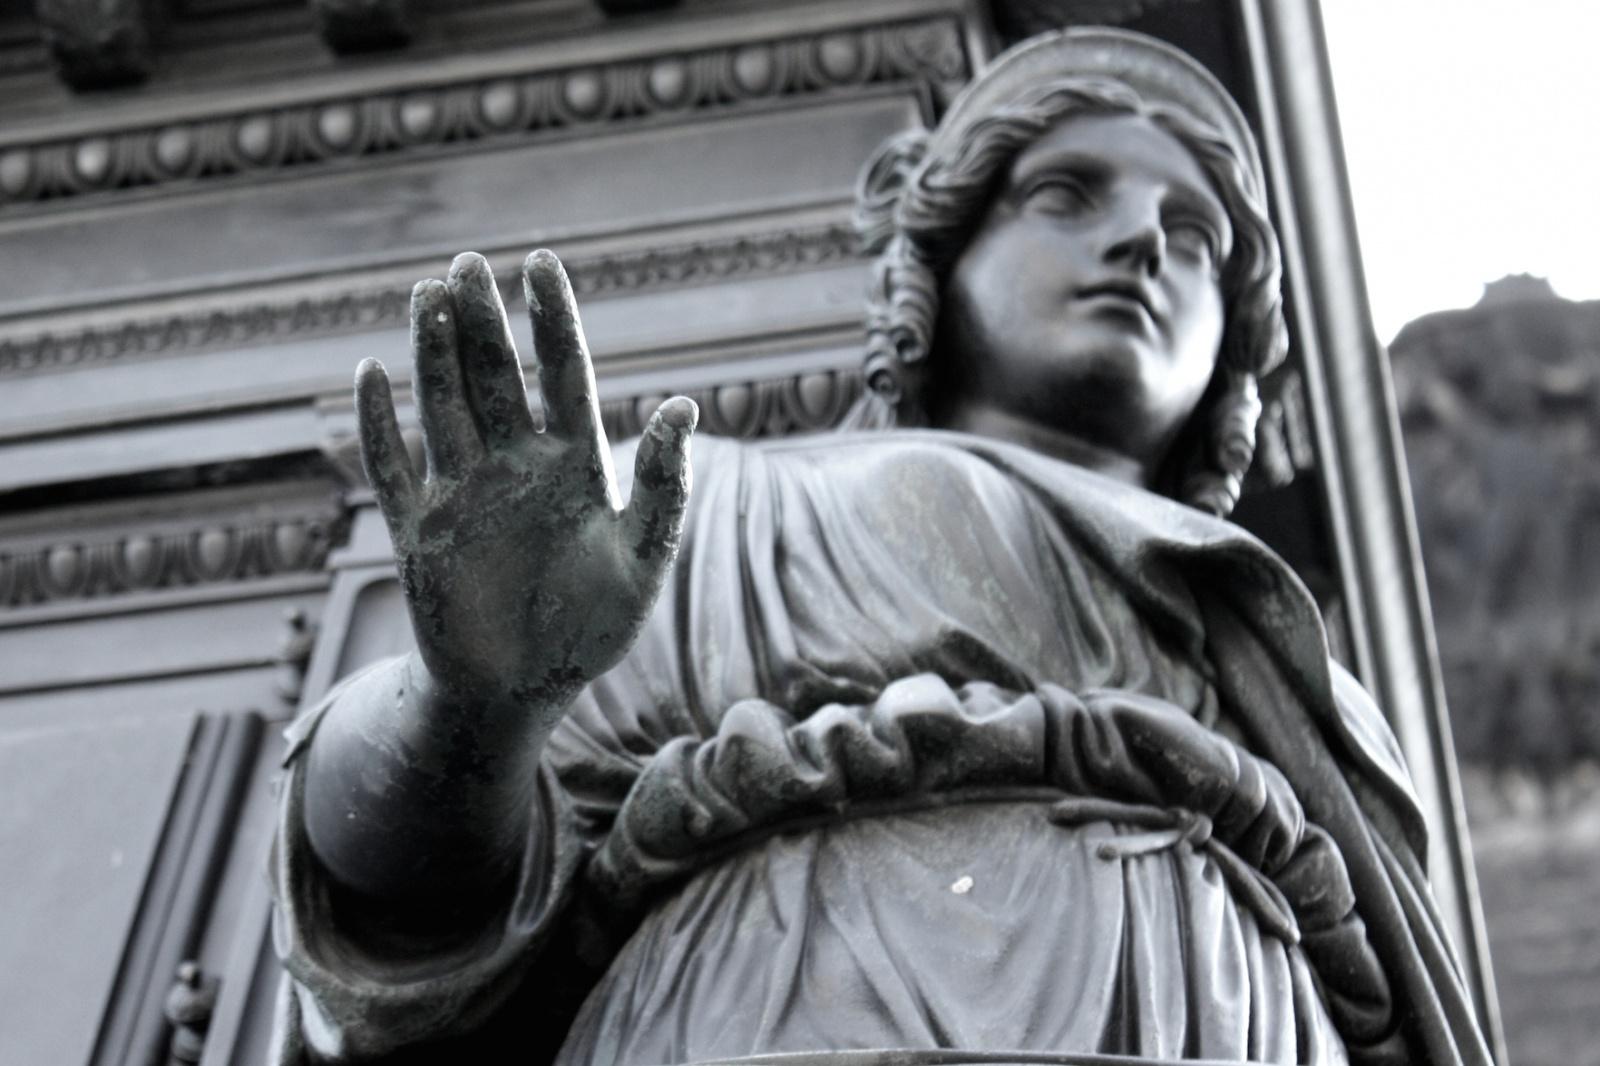 Встретимся в суде: Зачем стартапам нужны товарные знаки? - 2